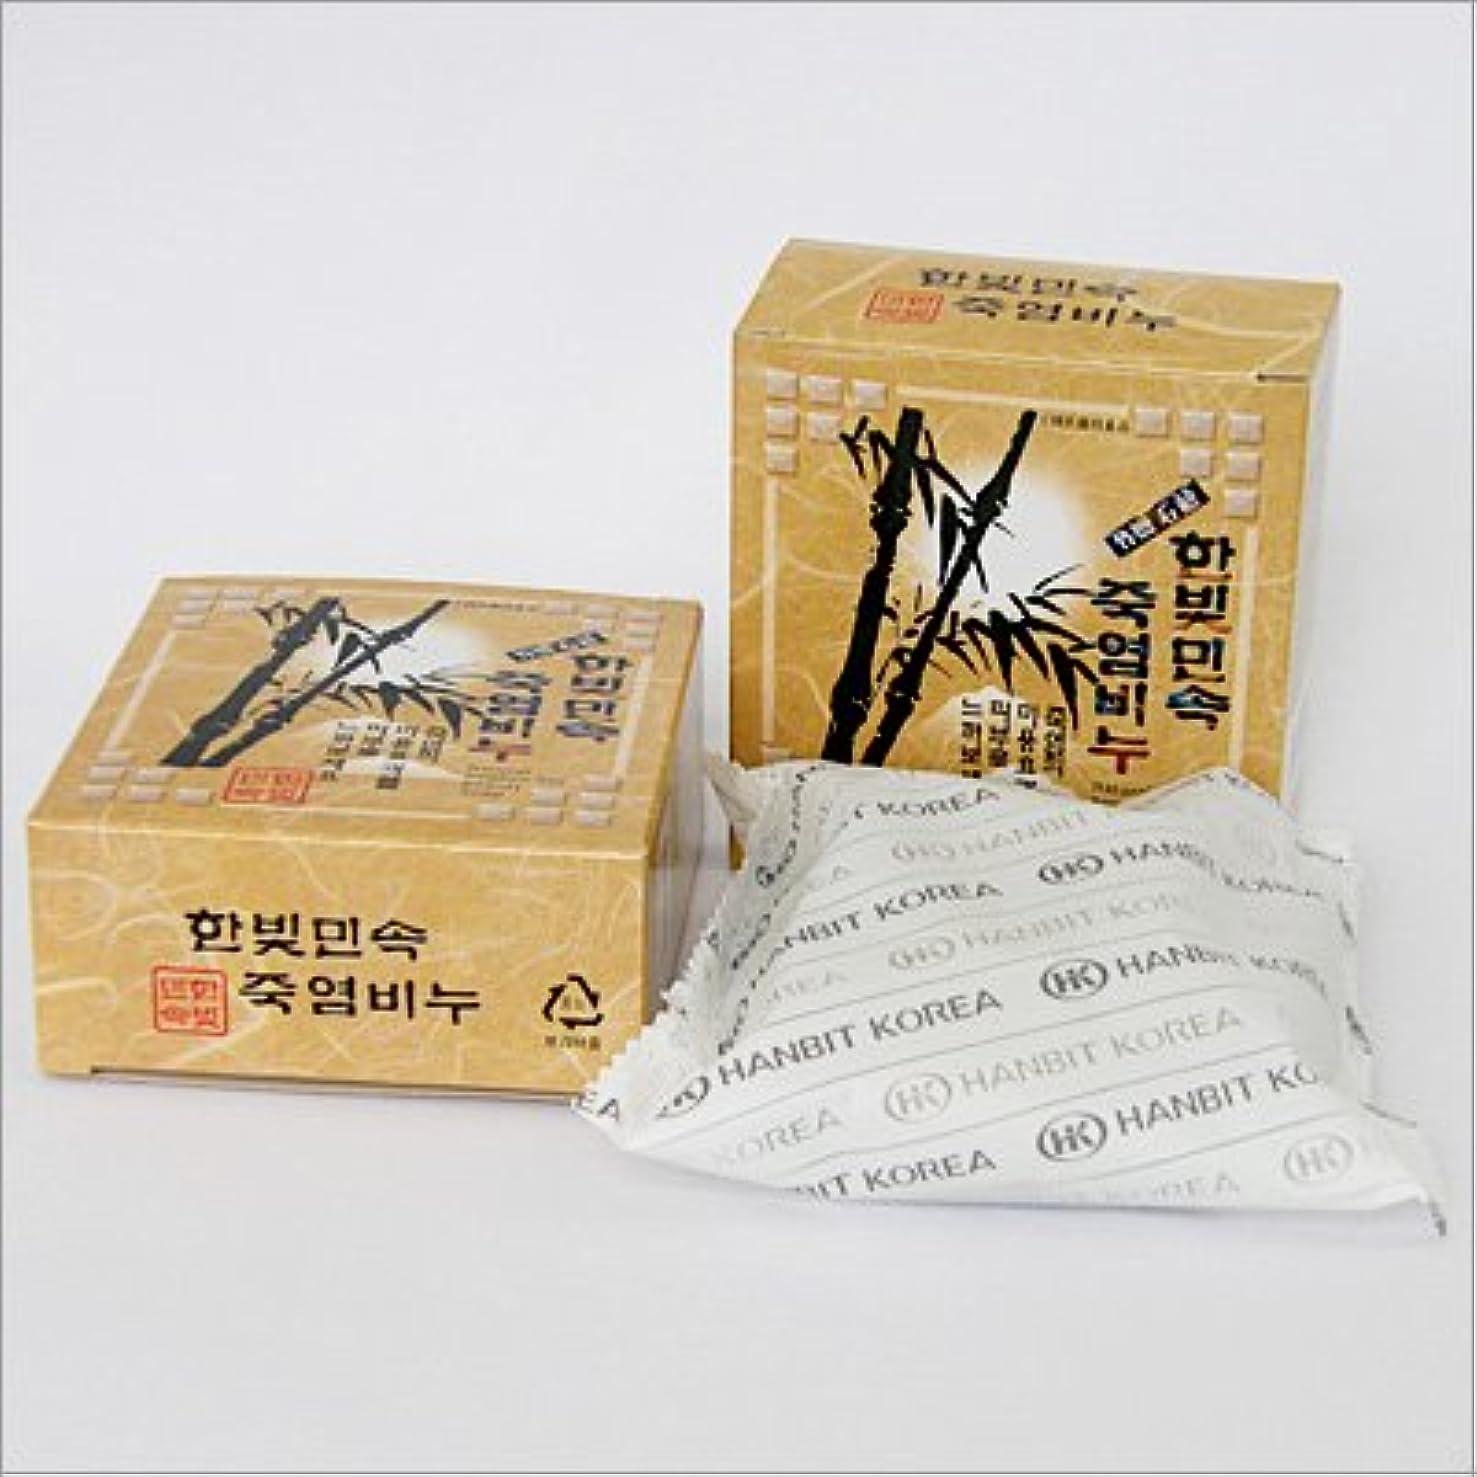 不規則なお風呂ジョイント(韓国ブランド) 韓国直輸入』竹塩石鹸(3個×5セット)